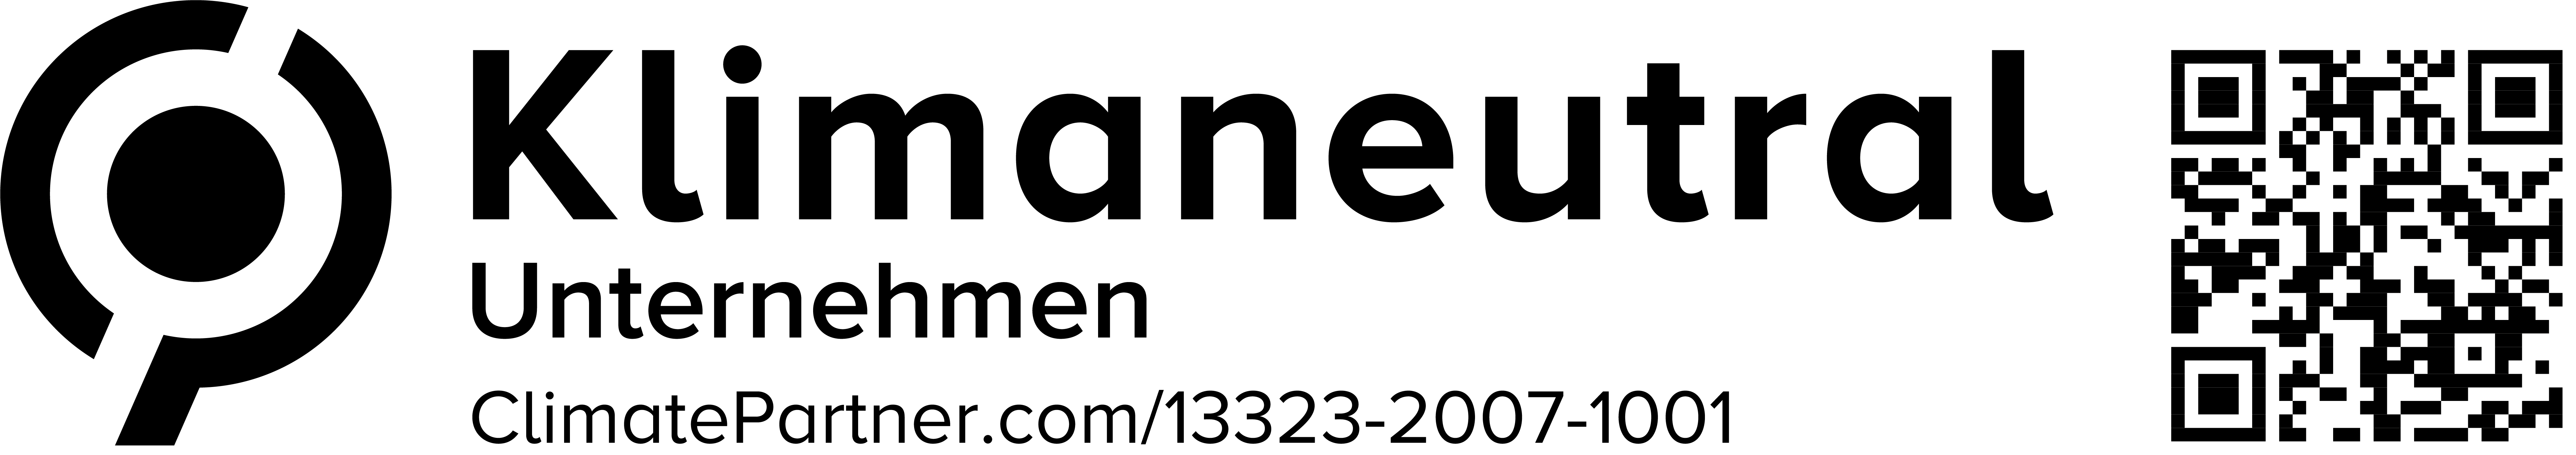 Climate_Partner_Company_Logo_DE